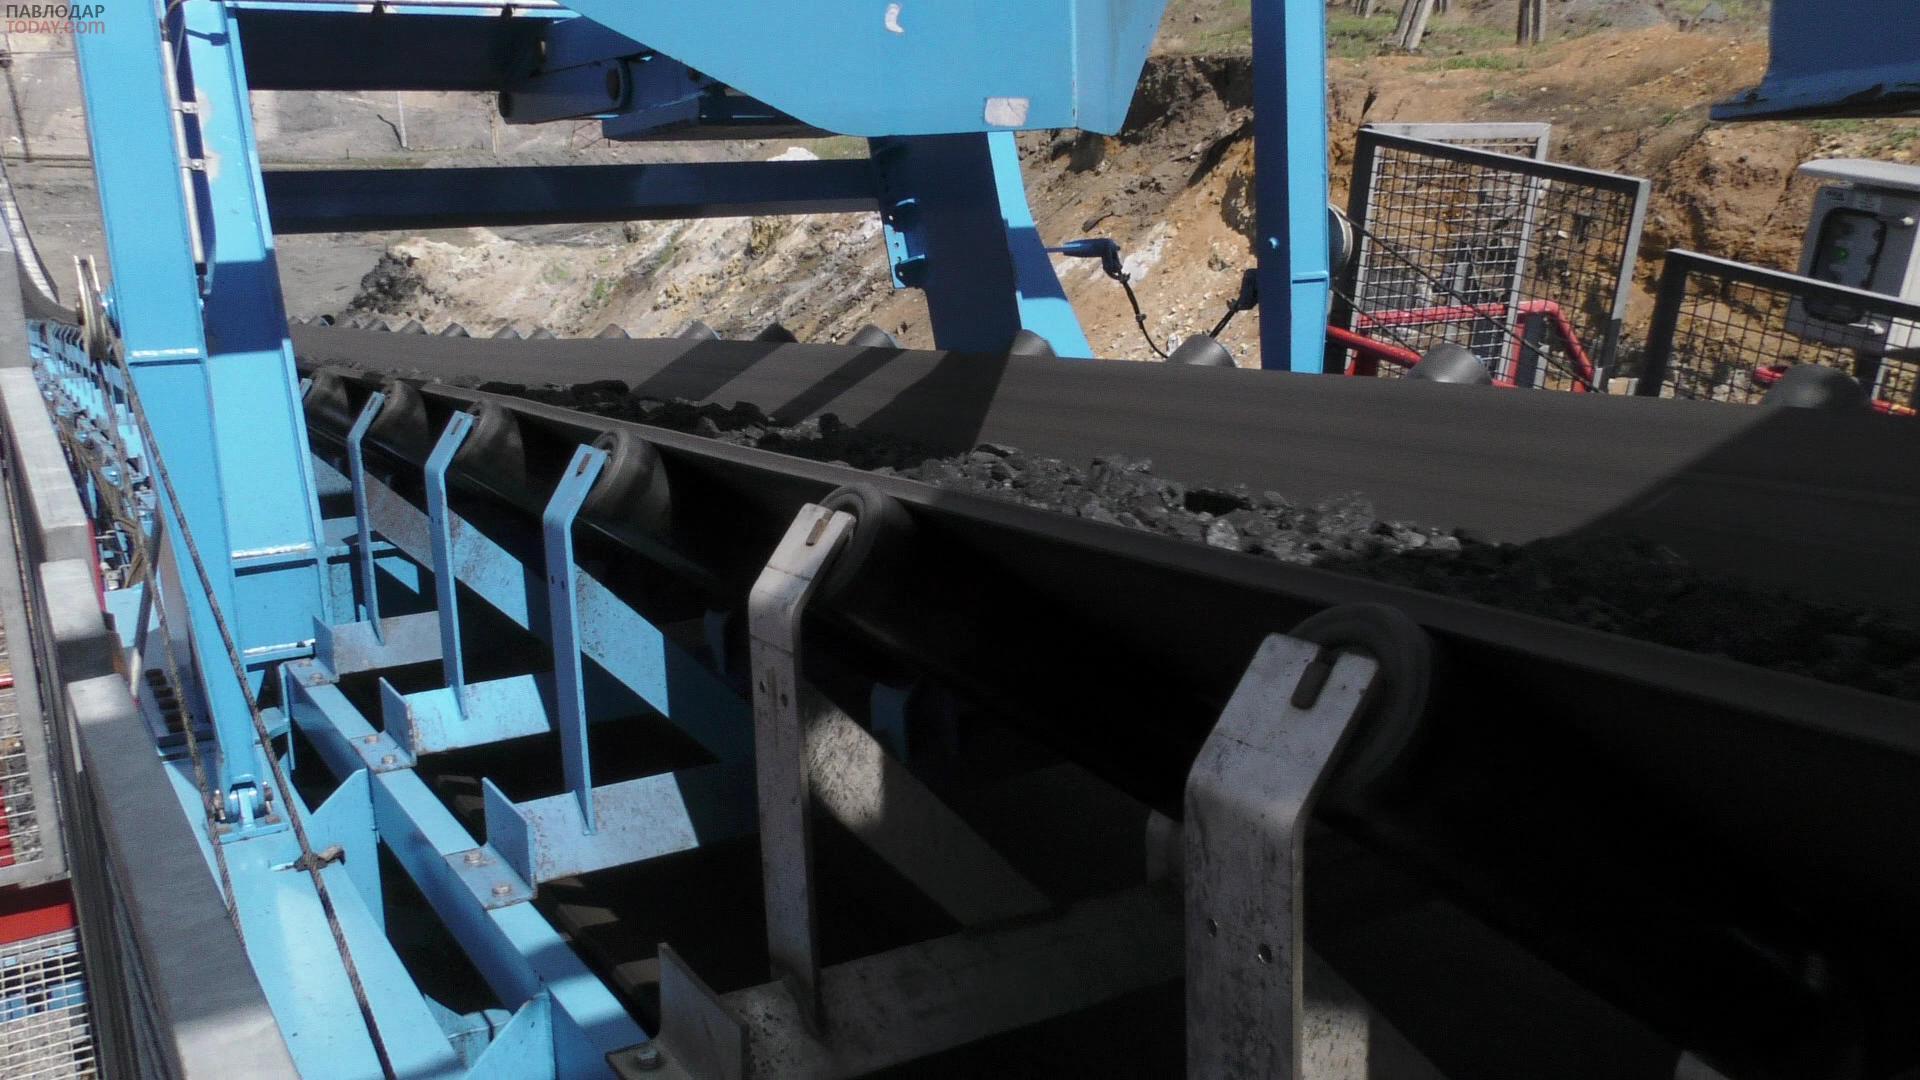 Евроазиатская энергетическая корпорация сохранила добычу угля в 2018 году в объеме более 17 млн тонн